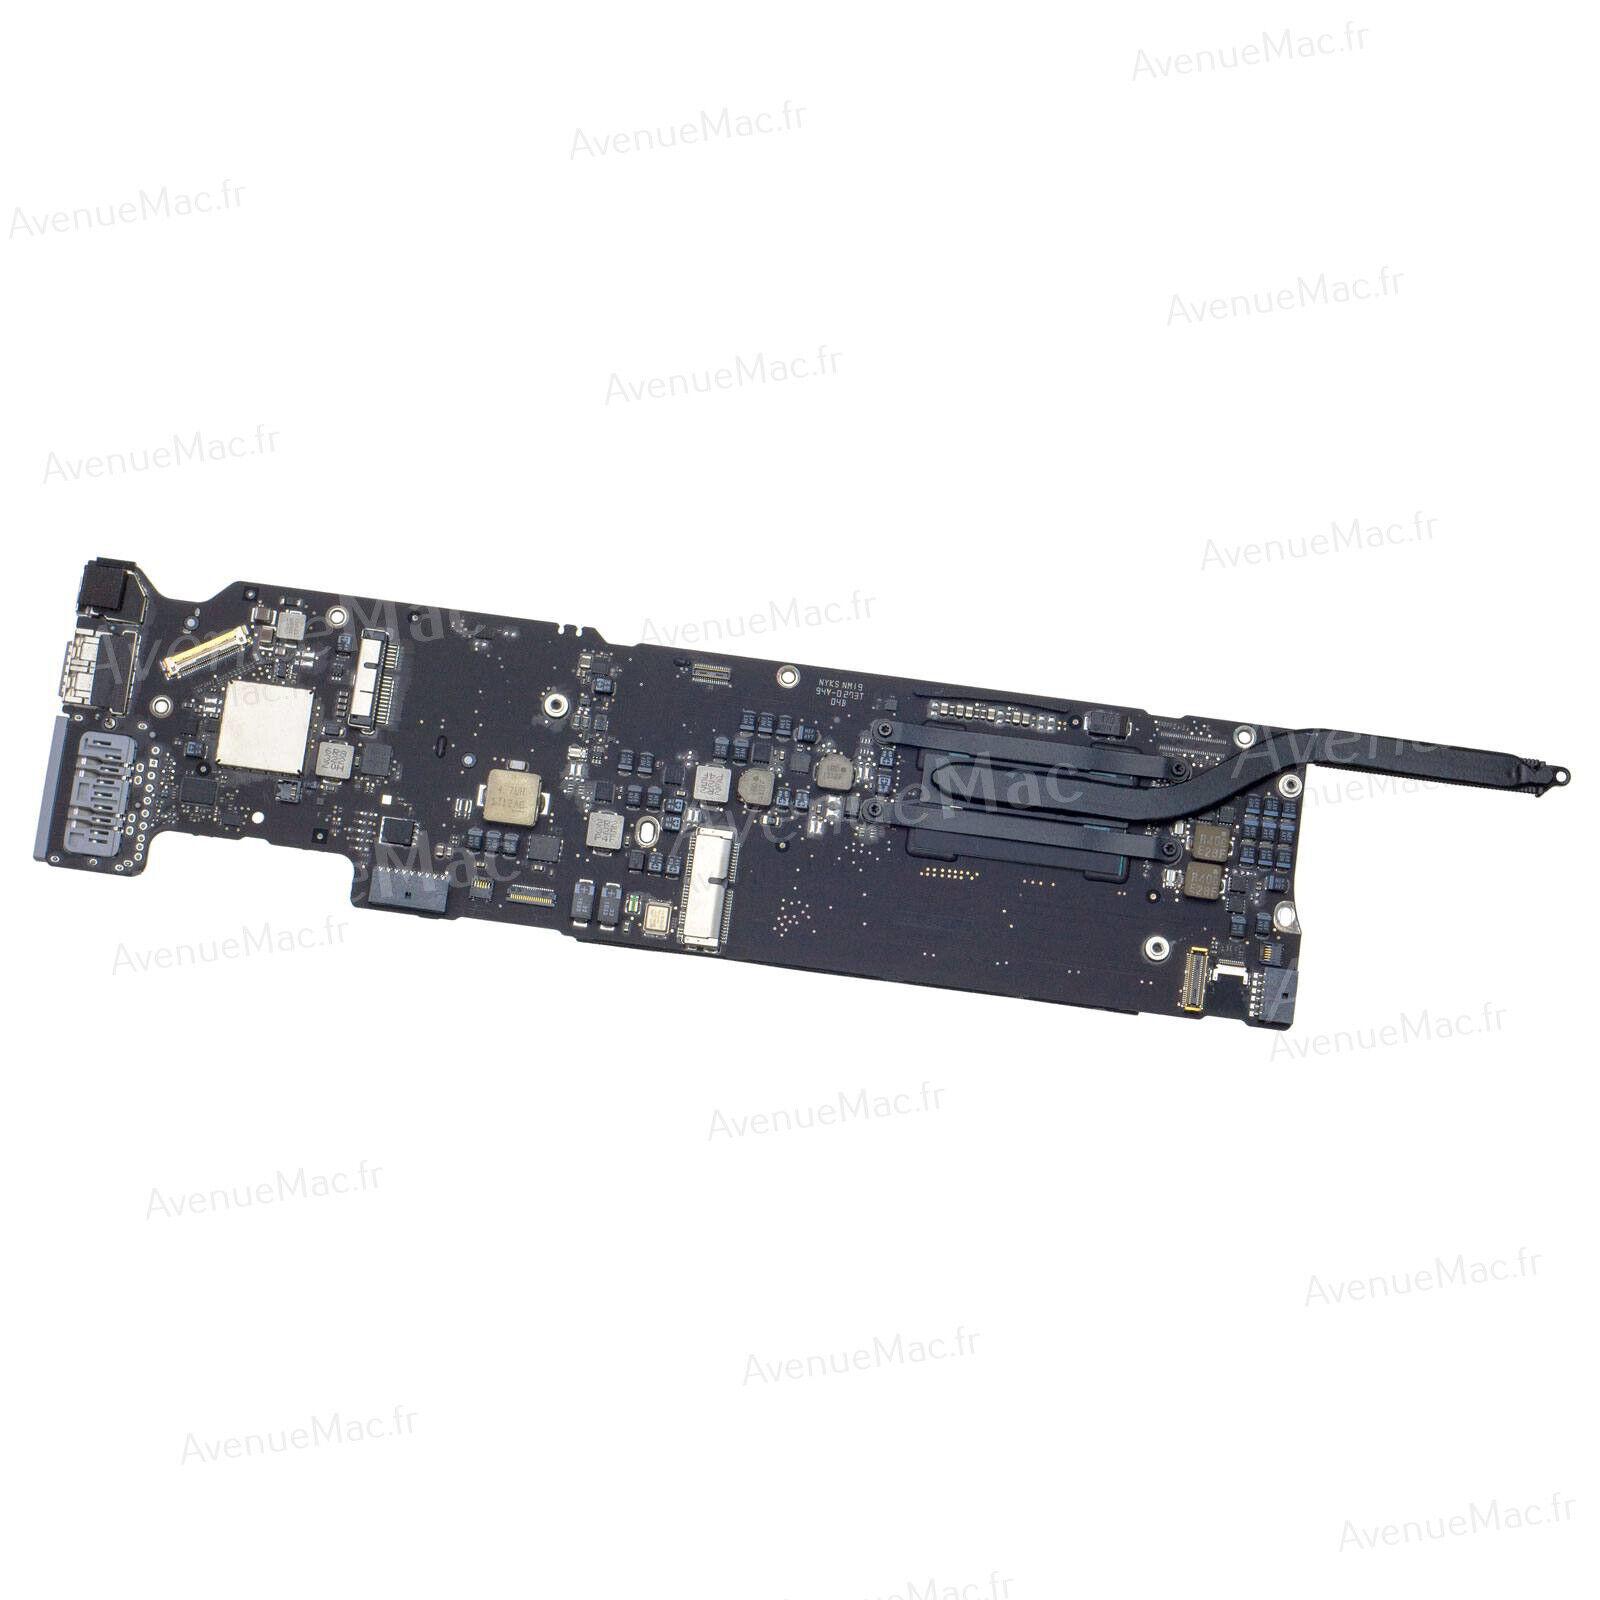  carte mÈre motherboard macbook air 13